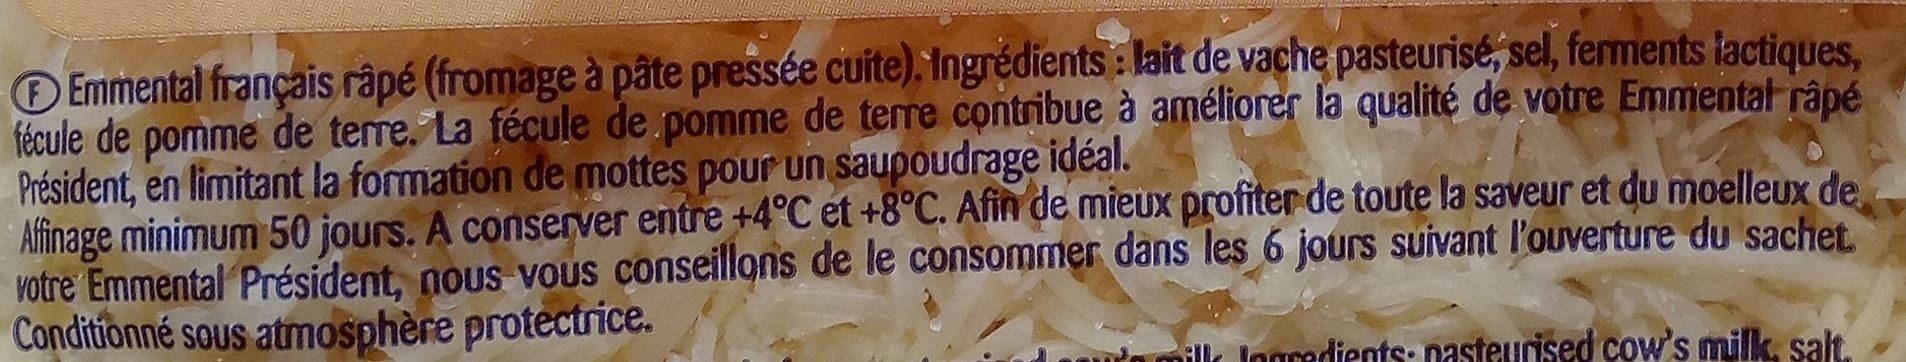 Emmental Râpé Fondant - Ingrédients - fr